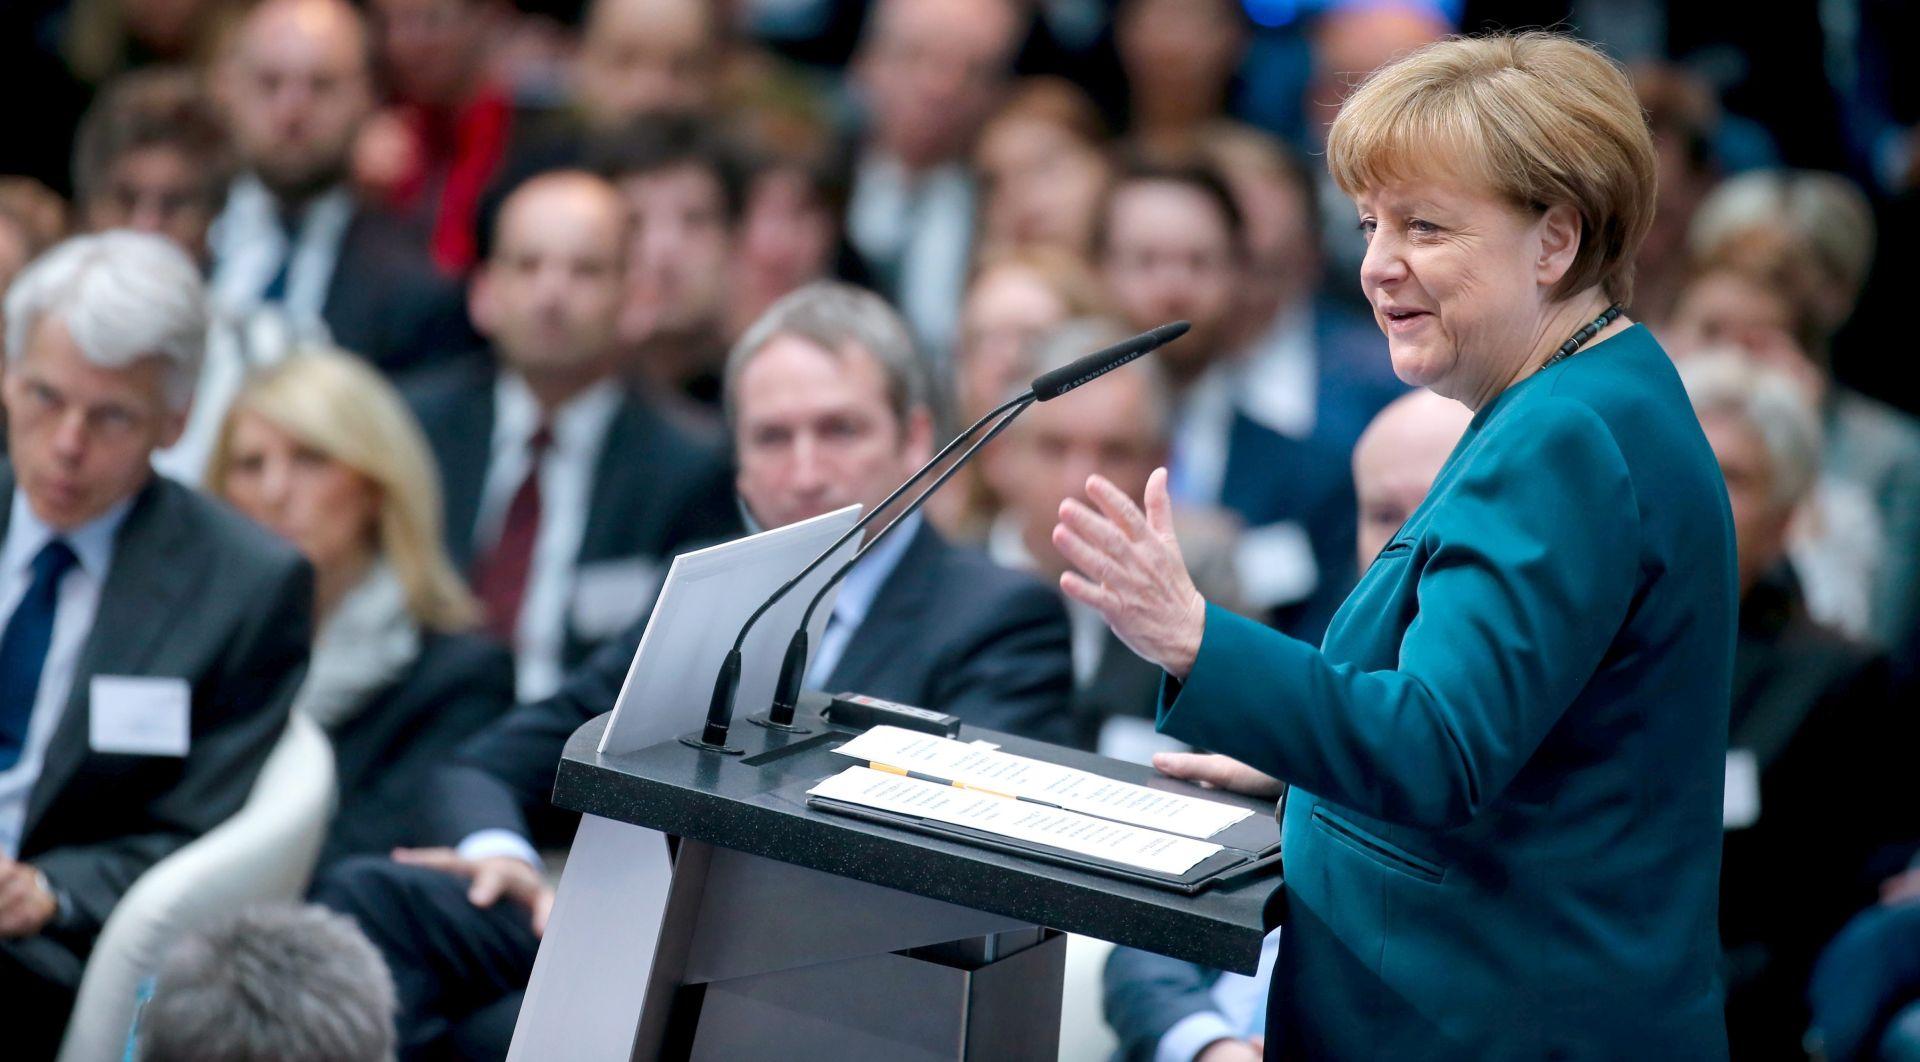 NAKON ERDOGANOVE PRIJAVE: Merkel brani slobodu mišljenja i umjetnosti u Njemačkoj